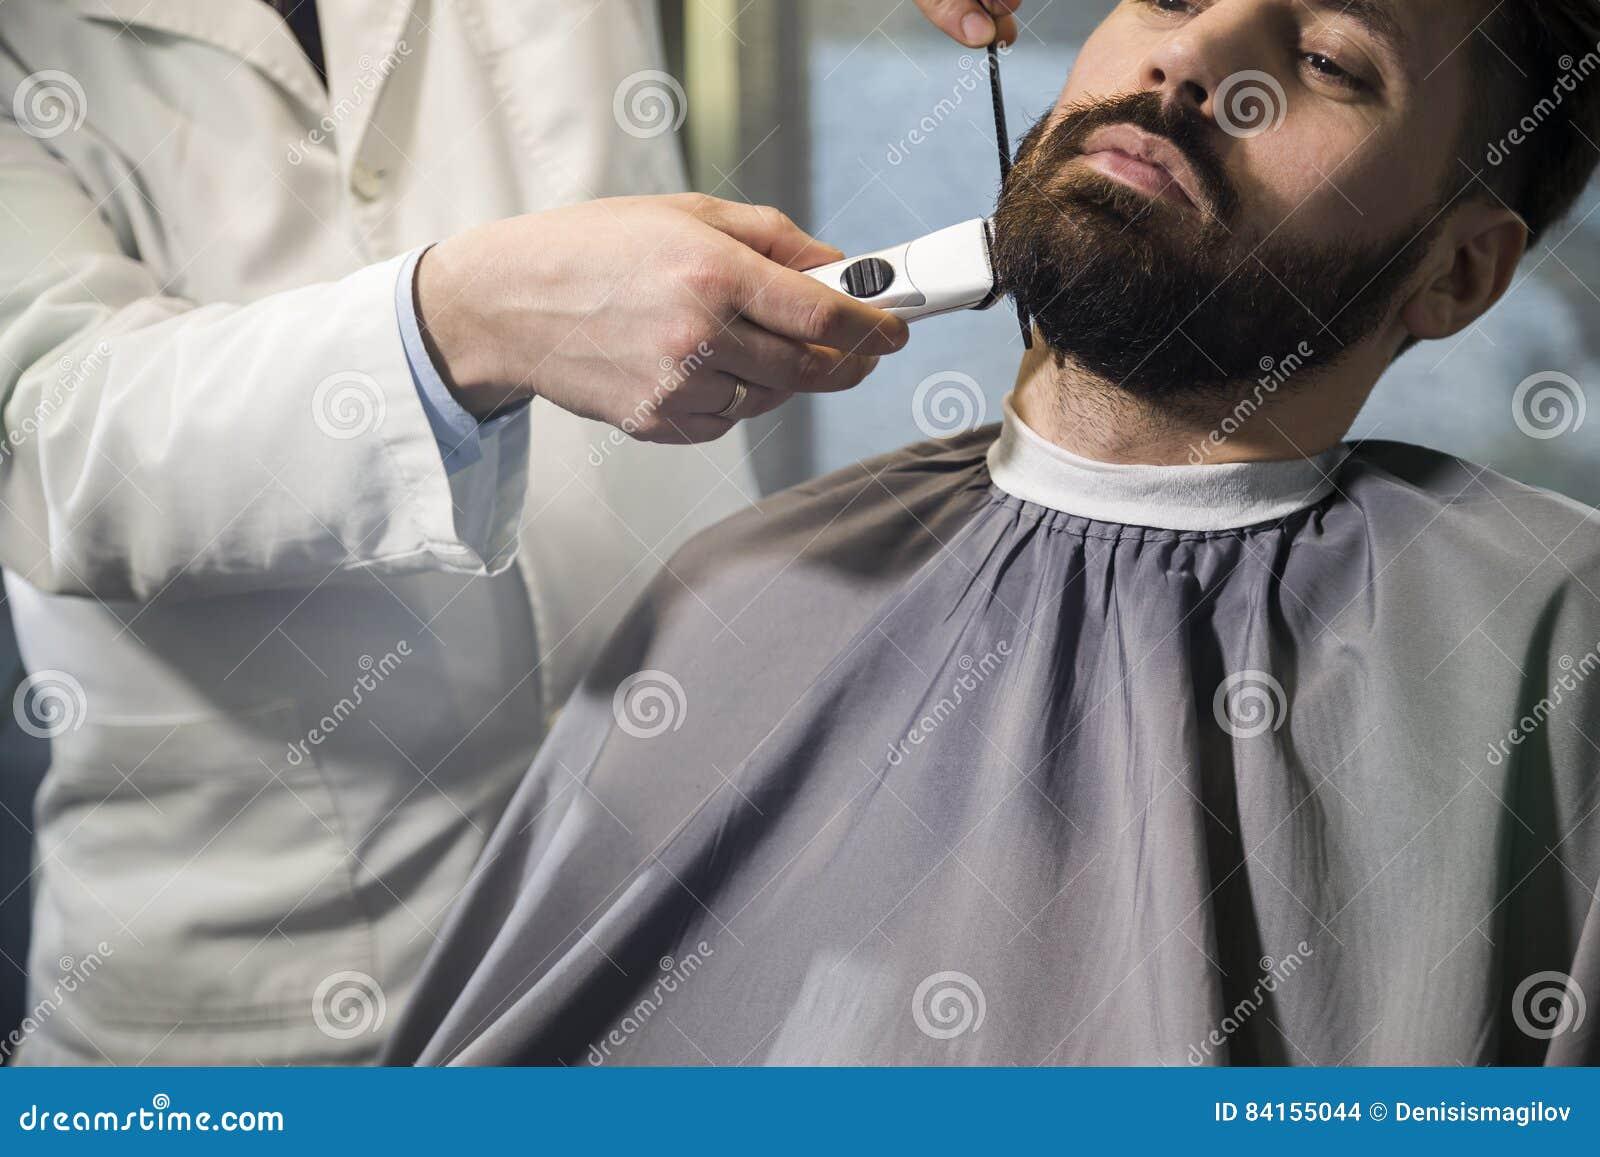 Fermez-vous d un homme d affaires d une chevelure brun sérieux faisant peigner sa barbe et être équilibrée dans un salon de coiff